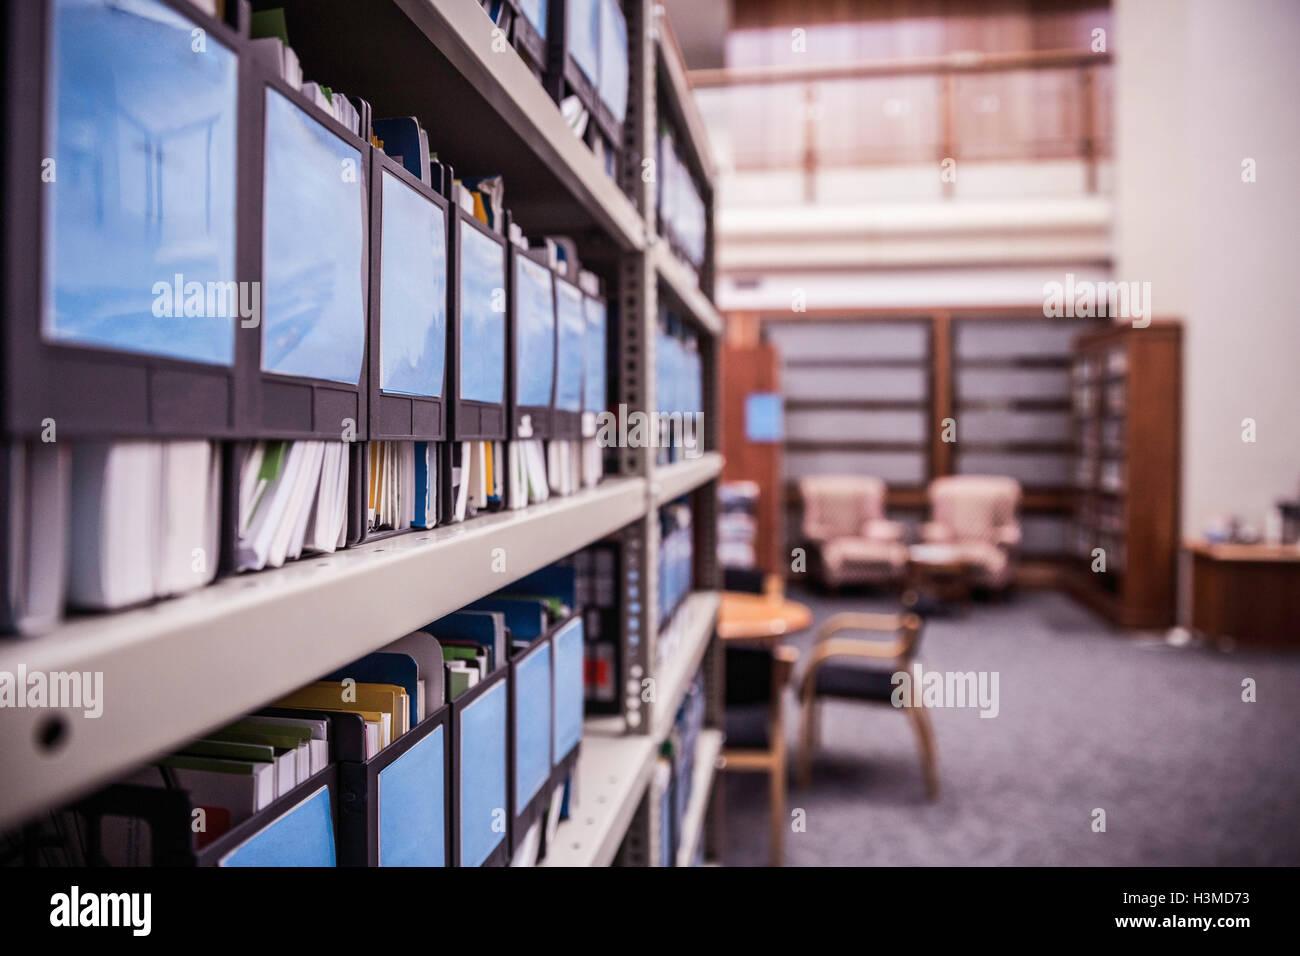 Reihen Von Buro Regale Mit Dateien Und Unterlagen Stockfoto Bild